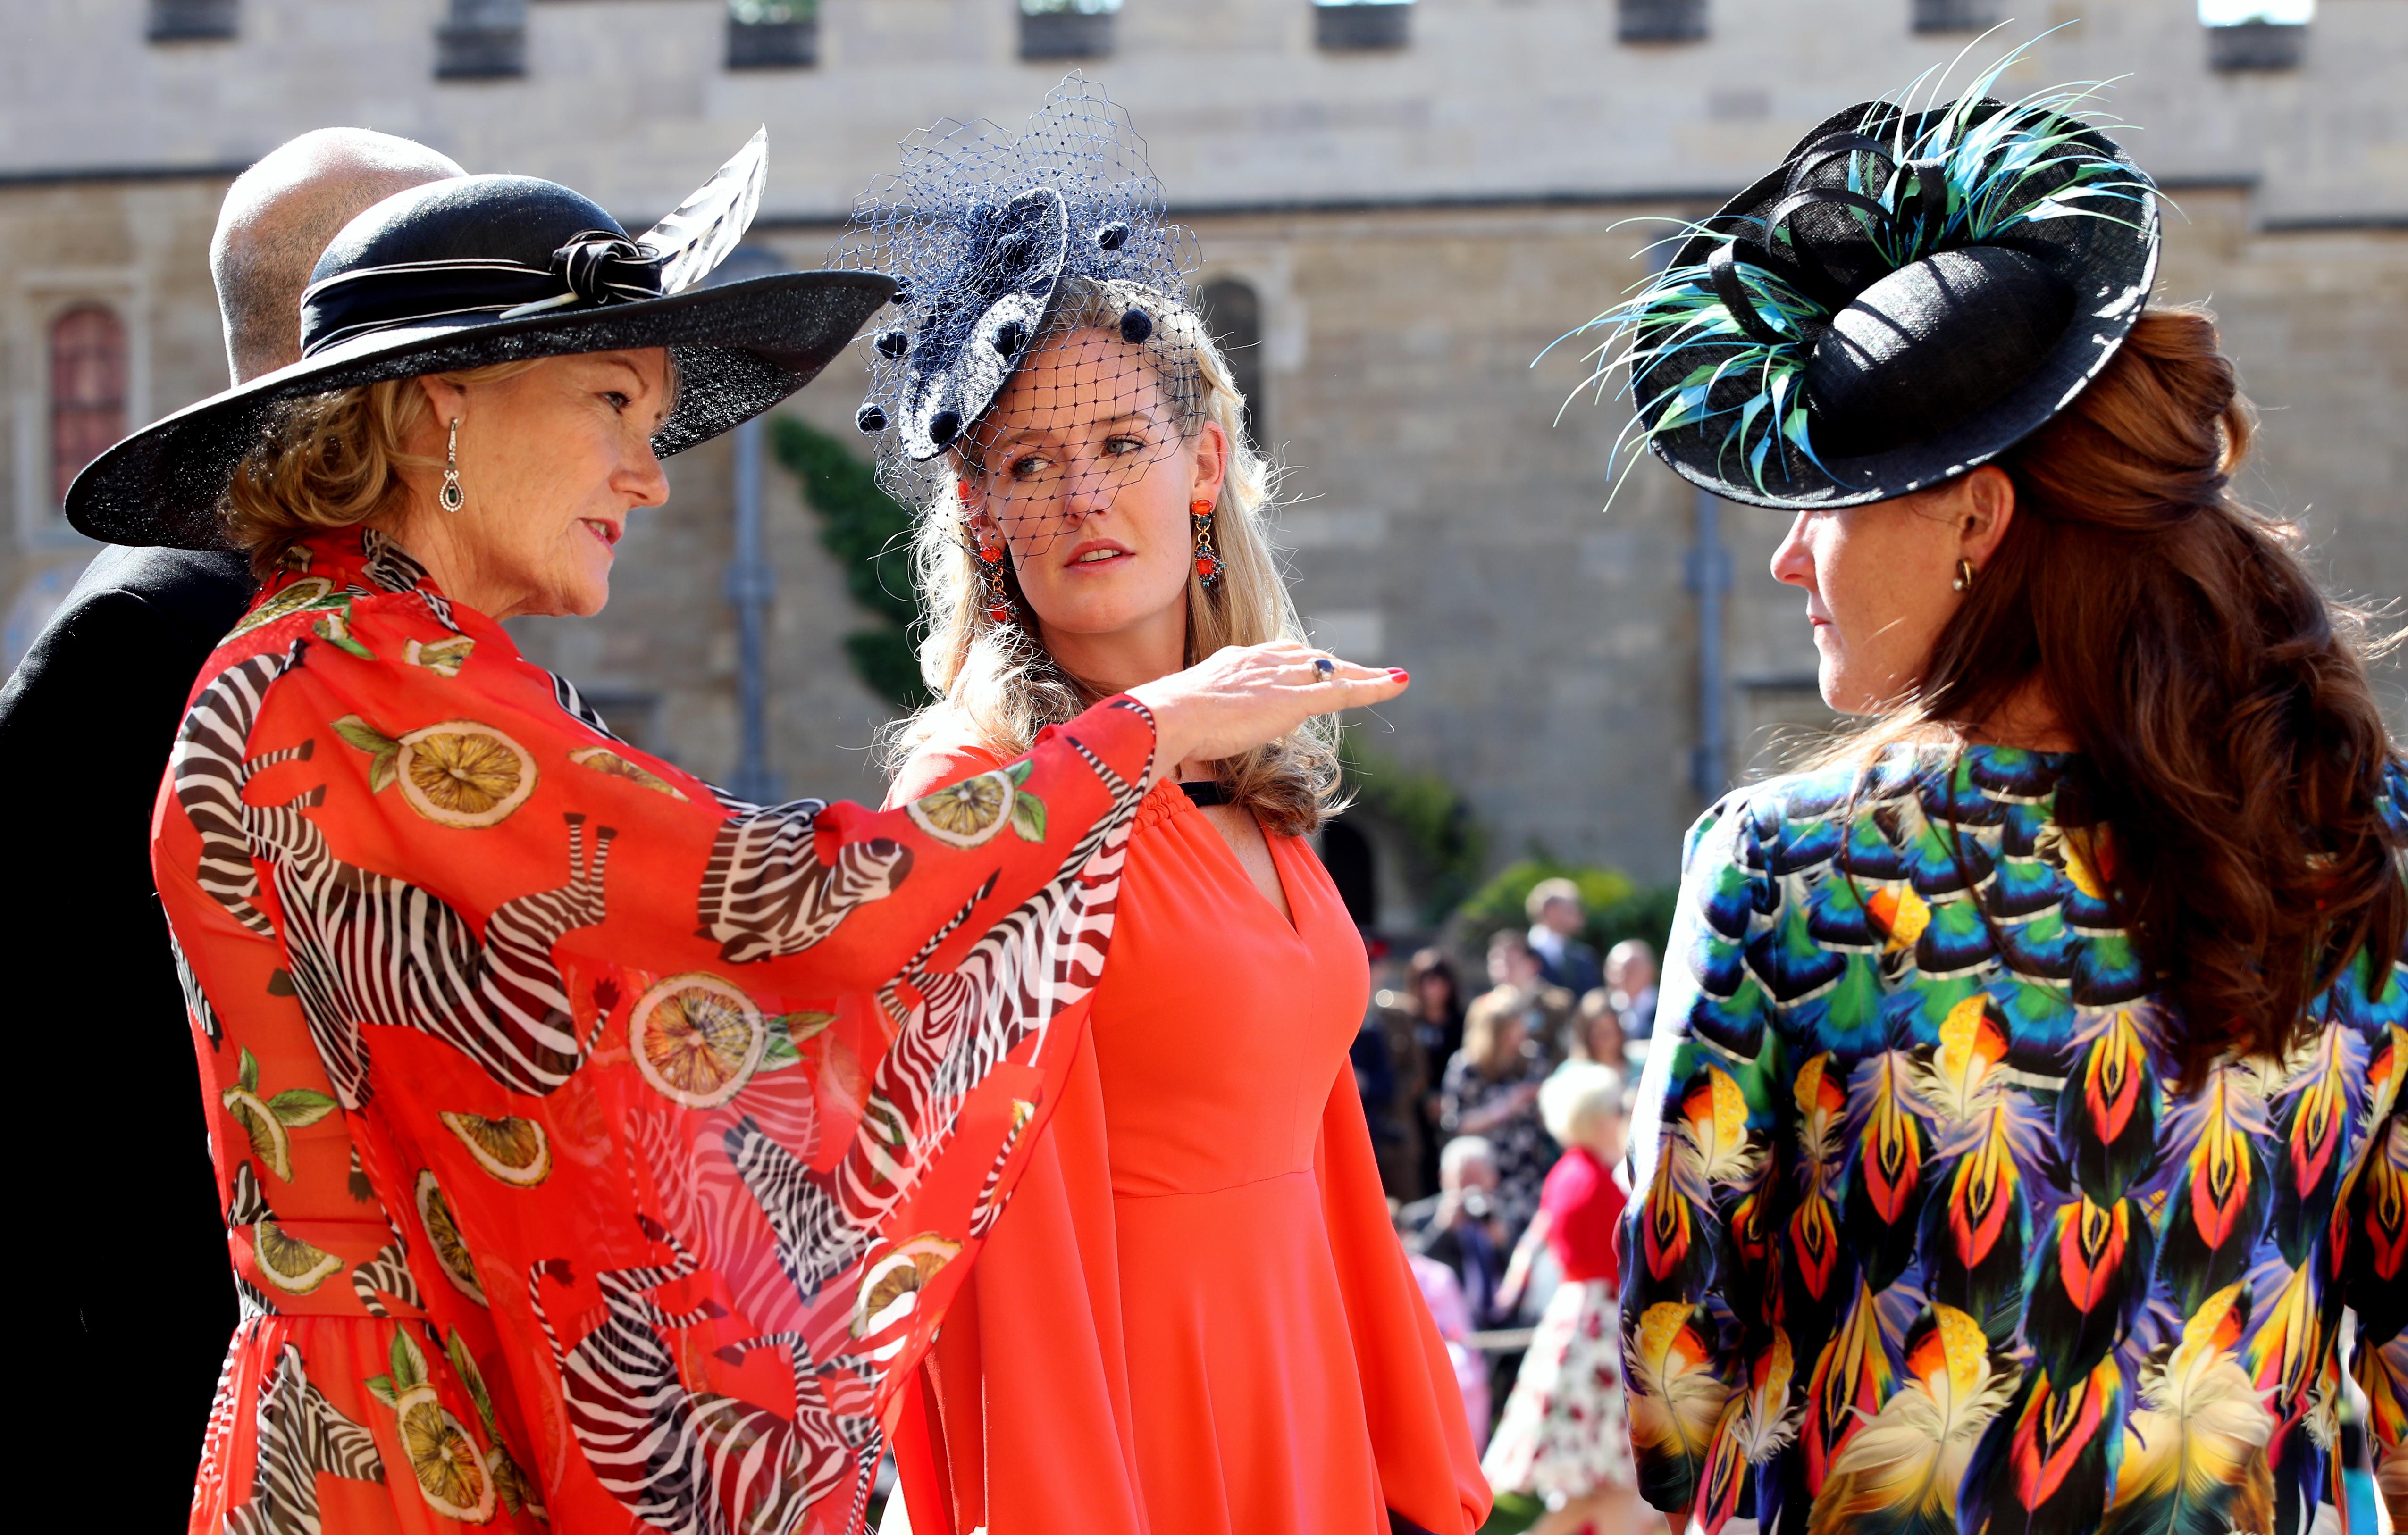 580b03bf Hats and fascinators at the royal wedding - CNN Style